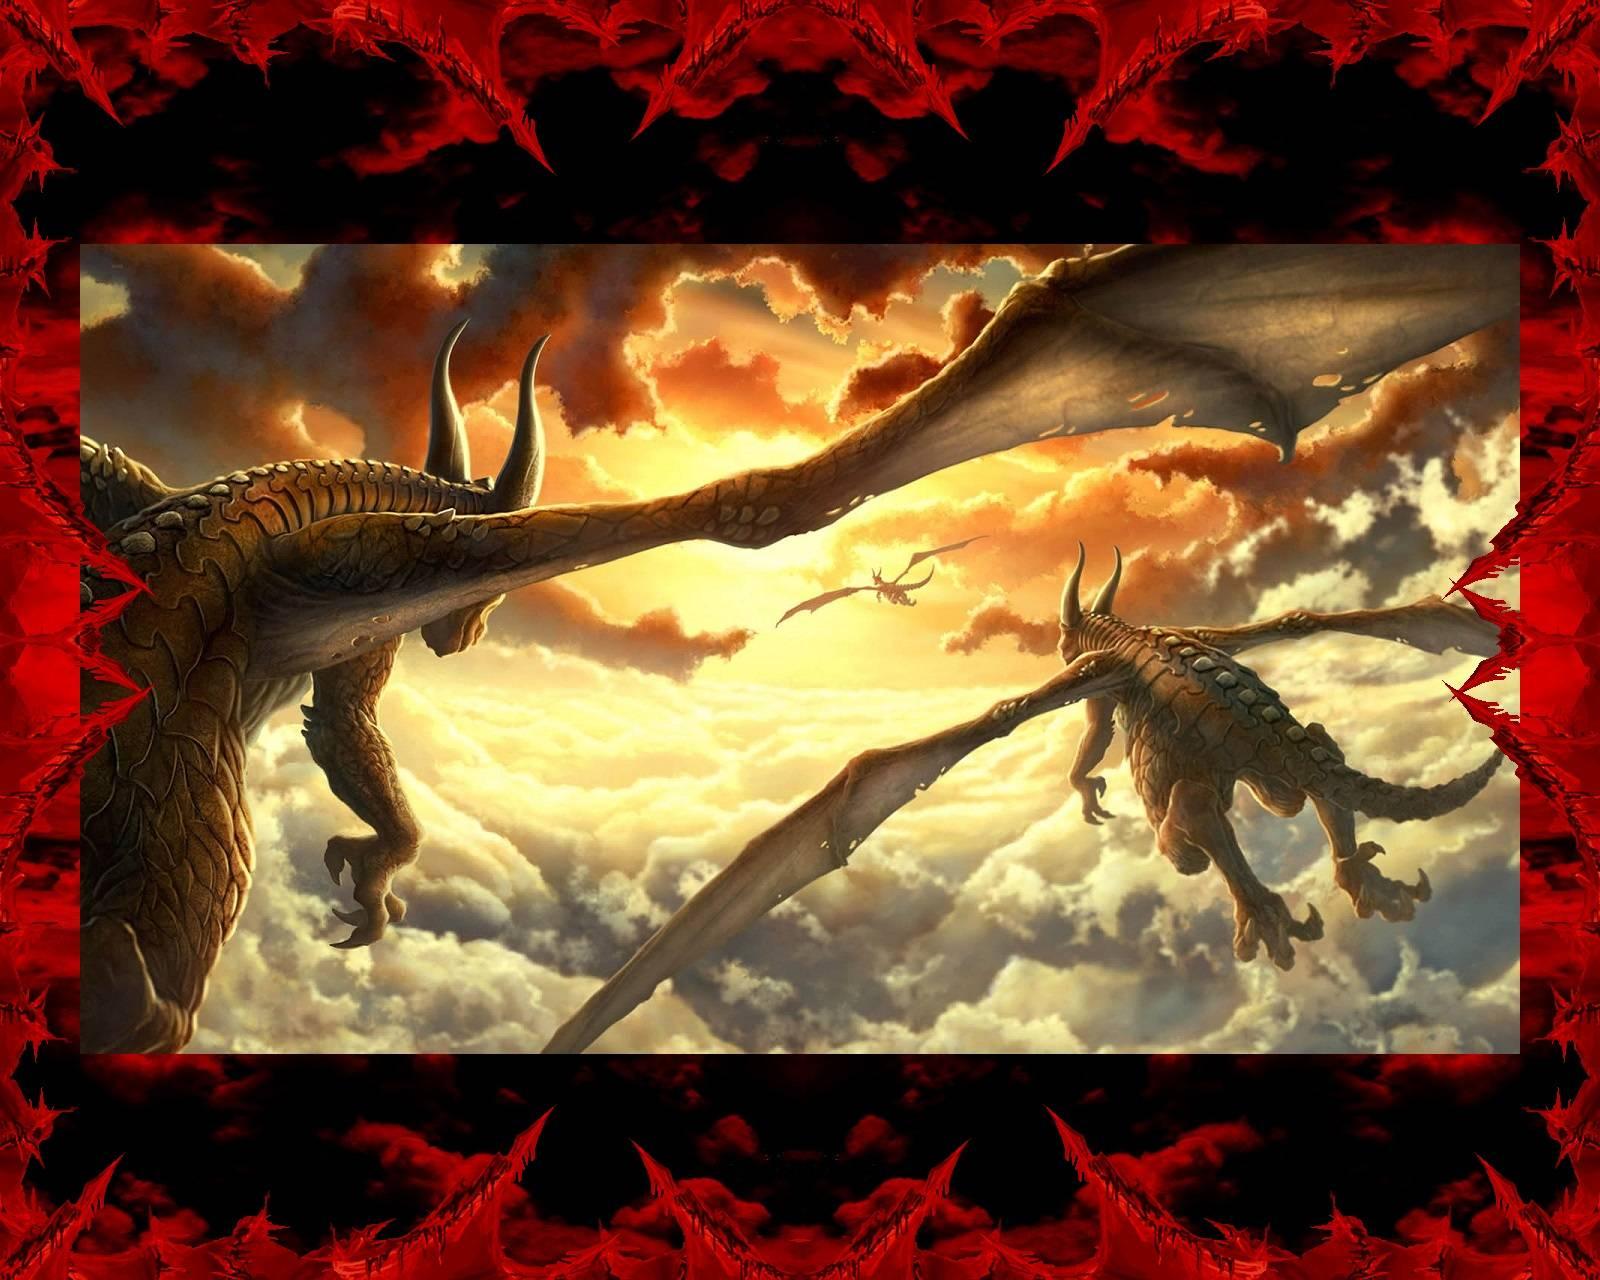 Chasing Dragons